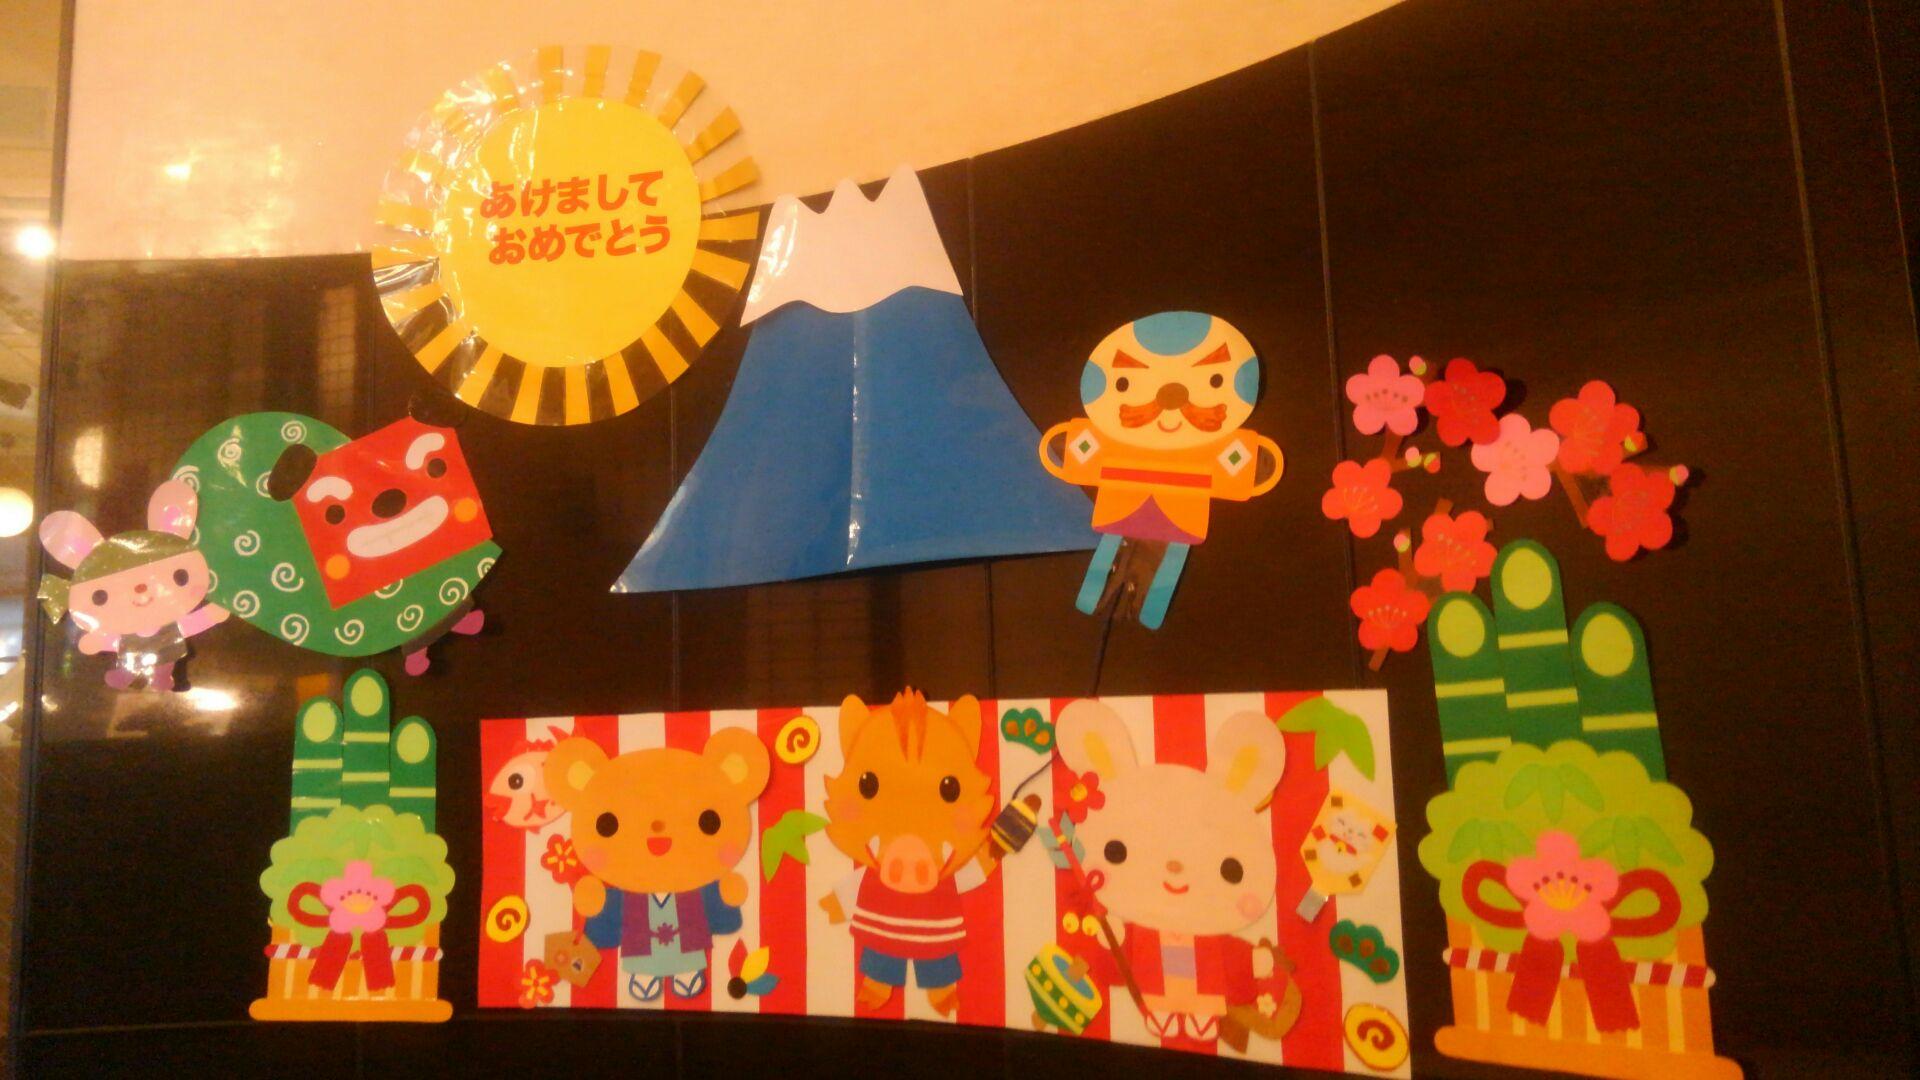 来校者を出迎える装飾。富士山・初日の出・獅子舞・門松・凧上げ・振袖を着た動物さん達など、お正月にまつわる可愛いイラストが壁に貼られています。